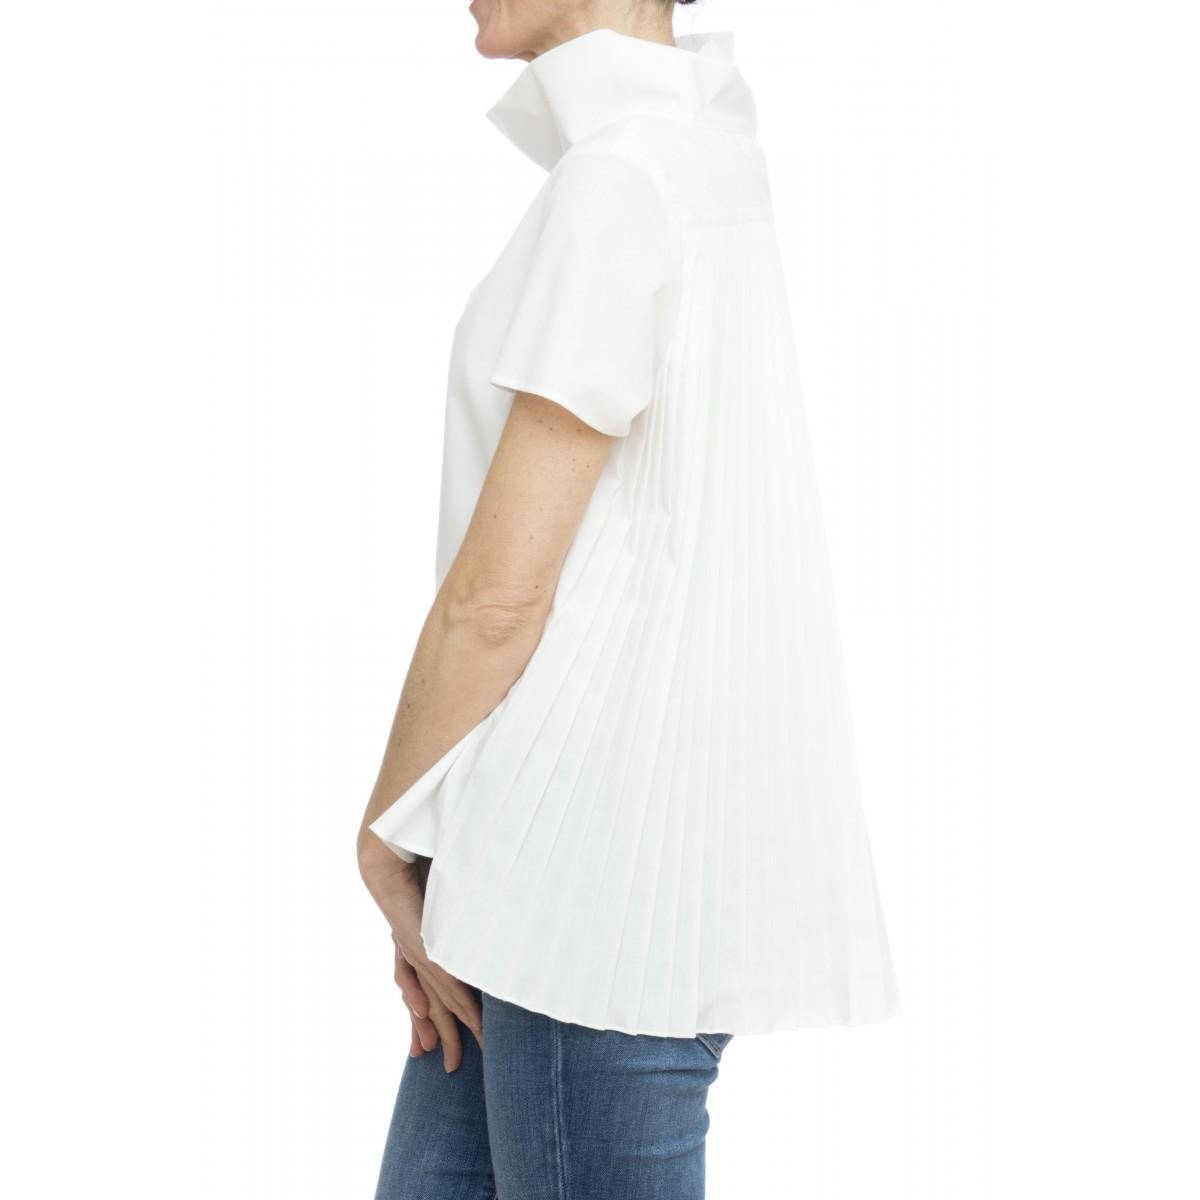 Camicia donna - Ludovica 45141 camicia plisses schiena